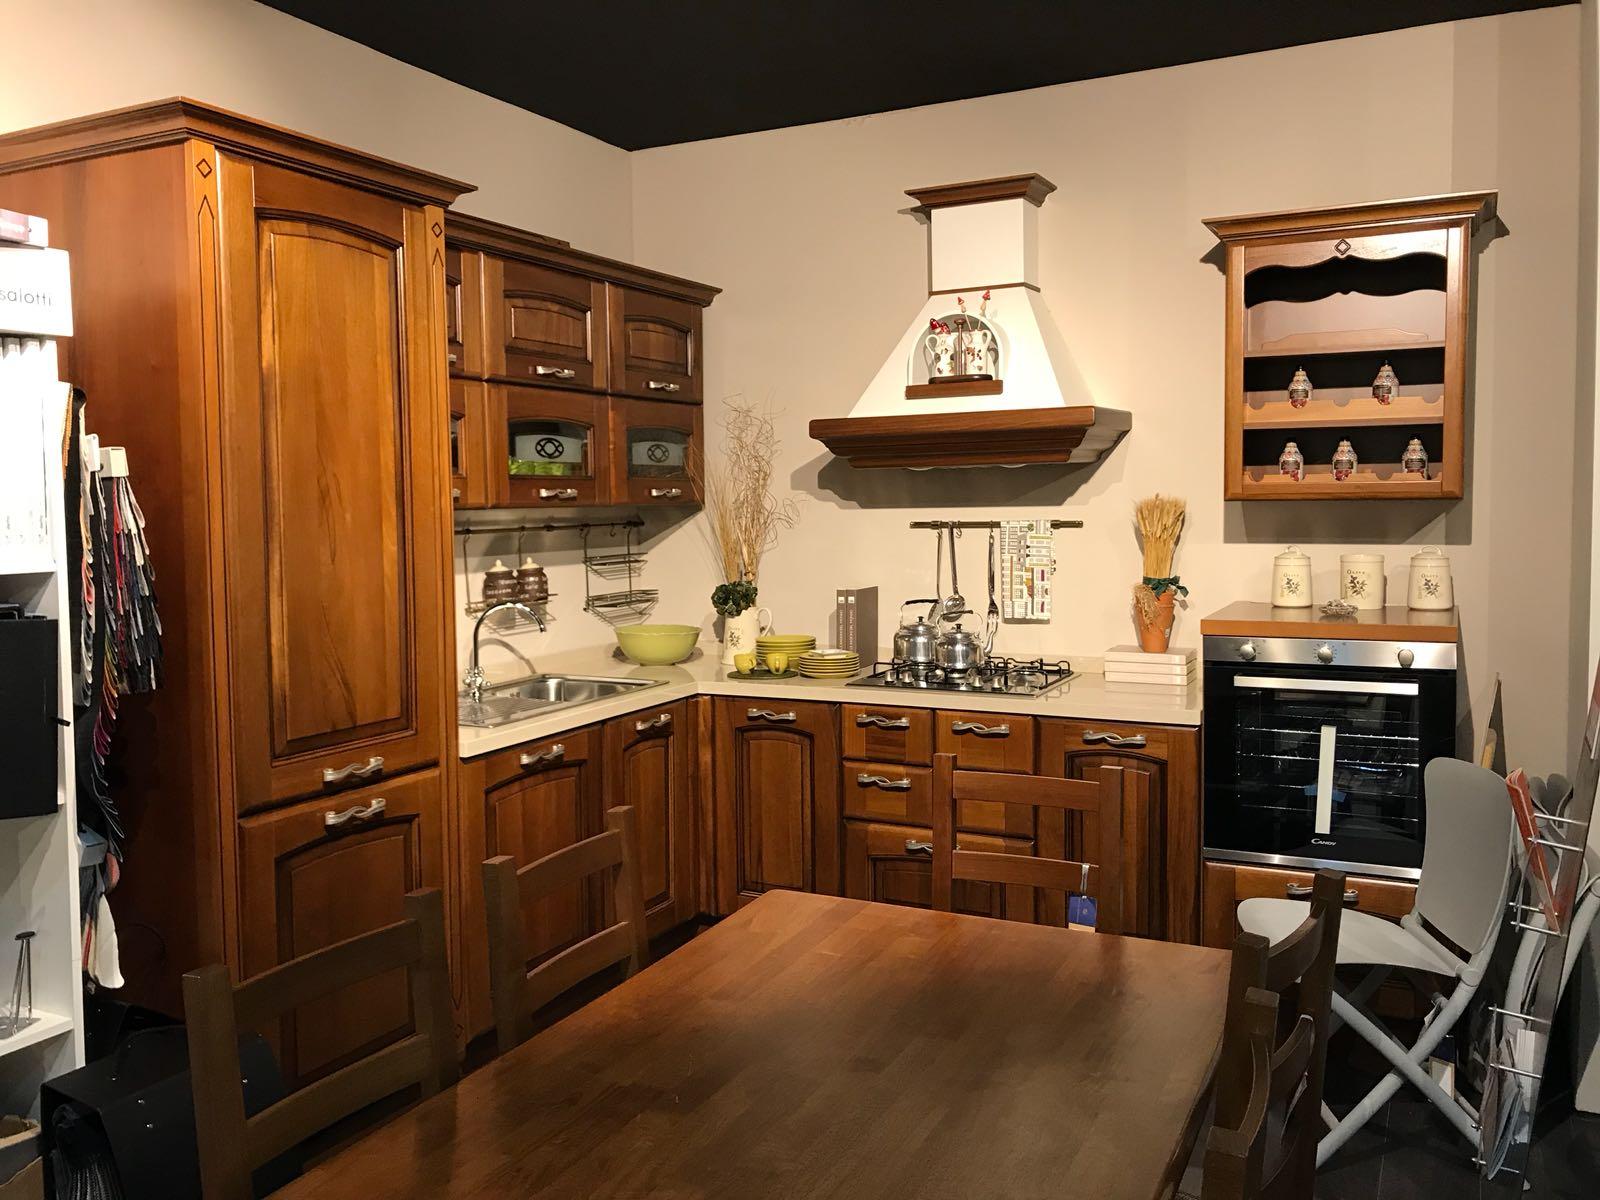 Showroom cucine arredamenti pastorearredamenti pastore for Pastore arredamenti